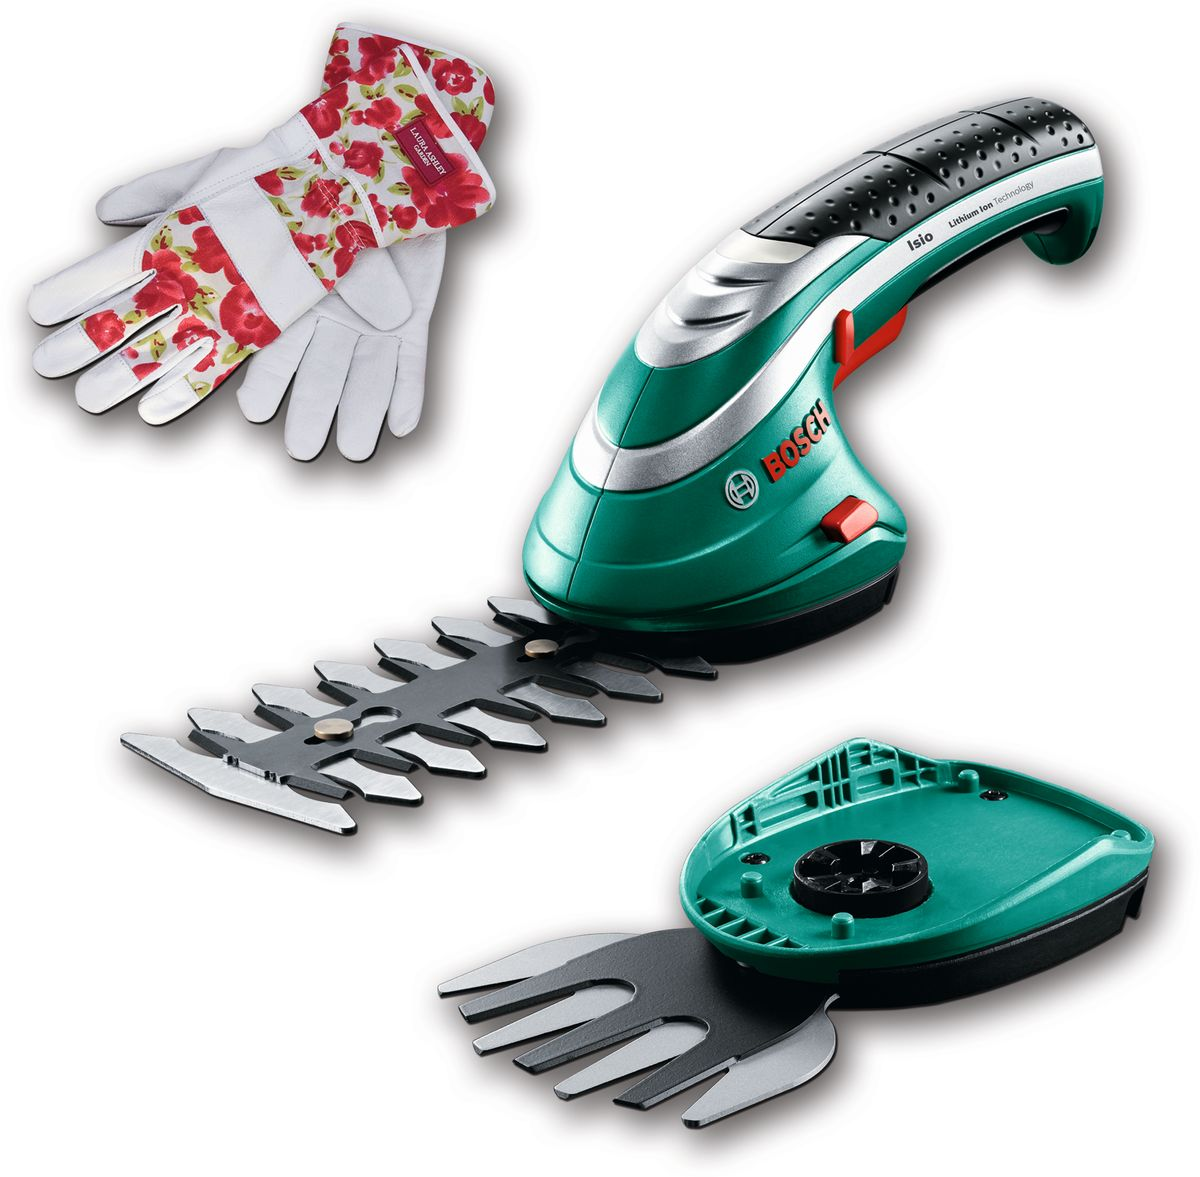 Аккумуляторные ножницы Bosch ISIO 3 для травы и кустов + перчатки Laura Ashley. 060083310M060083310MАккумуляторный легкий инструмент Isio в сочетании с универсальной системой Multi-Click необходим каждому садоводу, которому нужно выполнять работы по обрезке в саду. Литий-ионный аккумулятор 3,6 В (1,5 А/ч) обеспечивает работу до 50 минут, а малый вес позволяет выполнять обрезку и стрижку без усилий.Ножницы для травы оснащены швейцарскими ножами шириной 80 мм, а кусторез – ножами длиной 120 мм.Технические данные:Время зарядки аккумулятора 3,5 чИндикатор заряда. Удобный 4-ступенчатый светодиодный индикатор зарядаПростая замена насадок благодаря системе SDSКомплект поставки:зарядное устройствоНож для травы Multi-Click 8 см (F 016 800 326)Нож для кустореза Multi-Click 12 см (F 016 800 327)Прочные стильные перчатки от дизайнера Laura Ashley